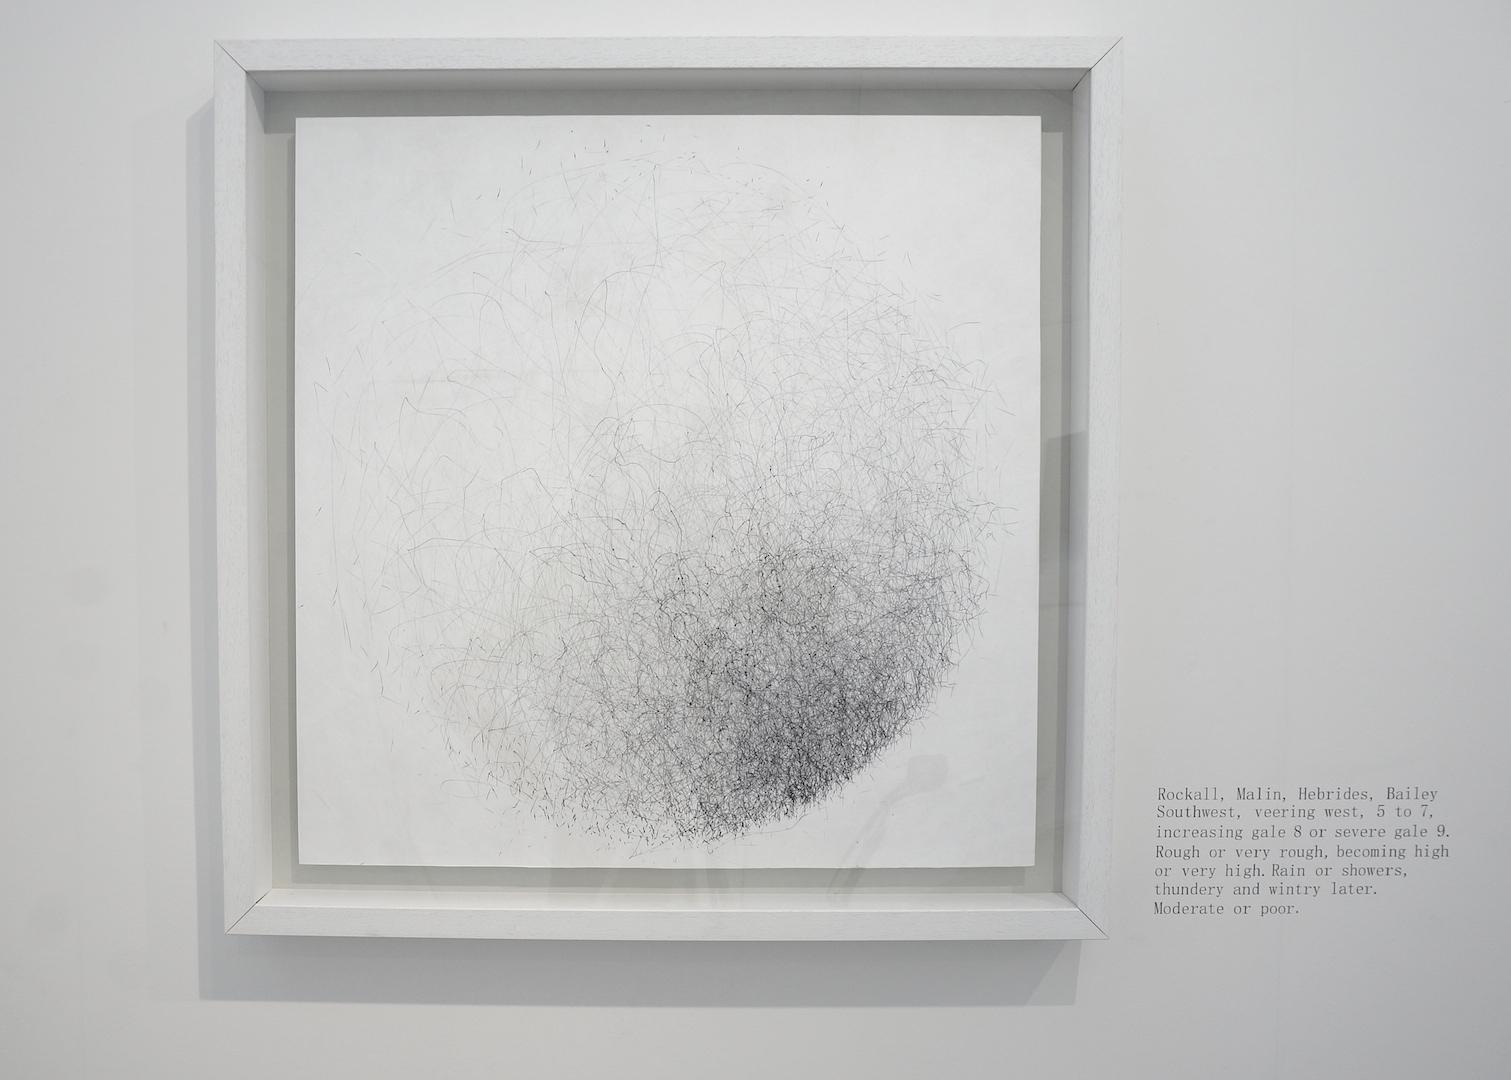 Meg Rodger -  Rockall, Malin, Hebrides, Bailey  (2016) (Ink on paper)